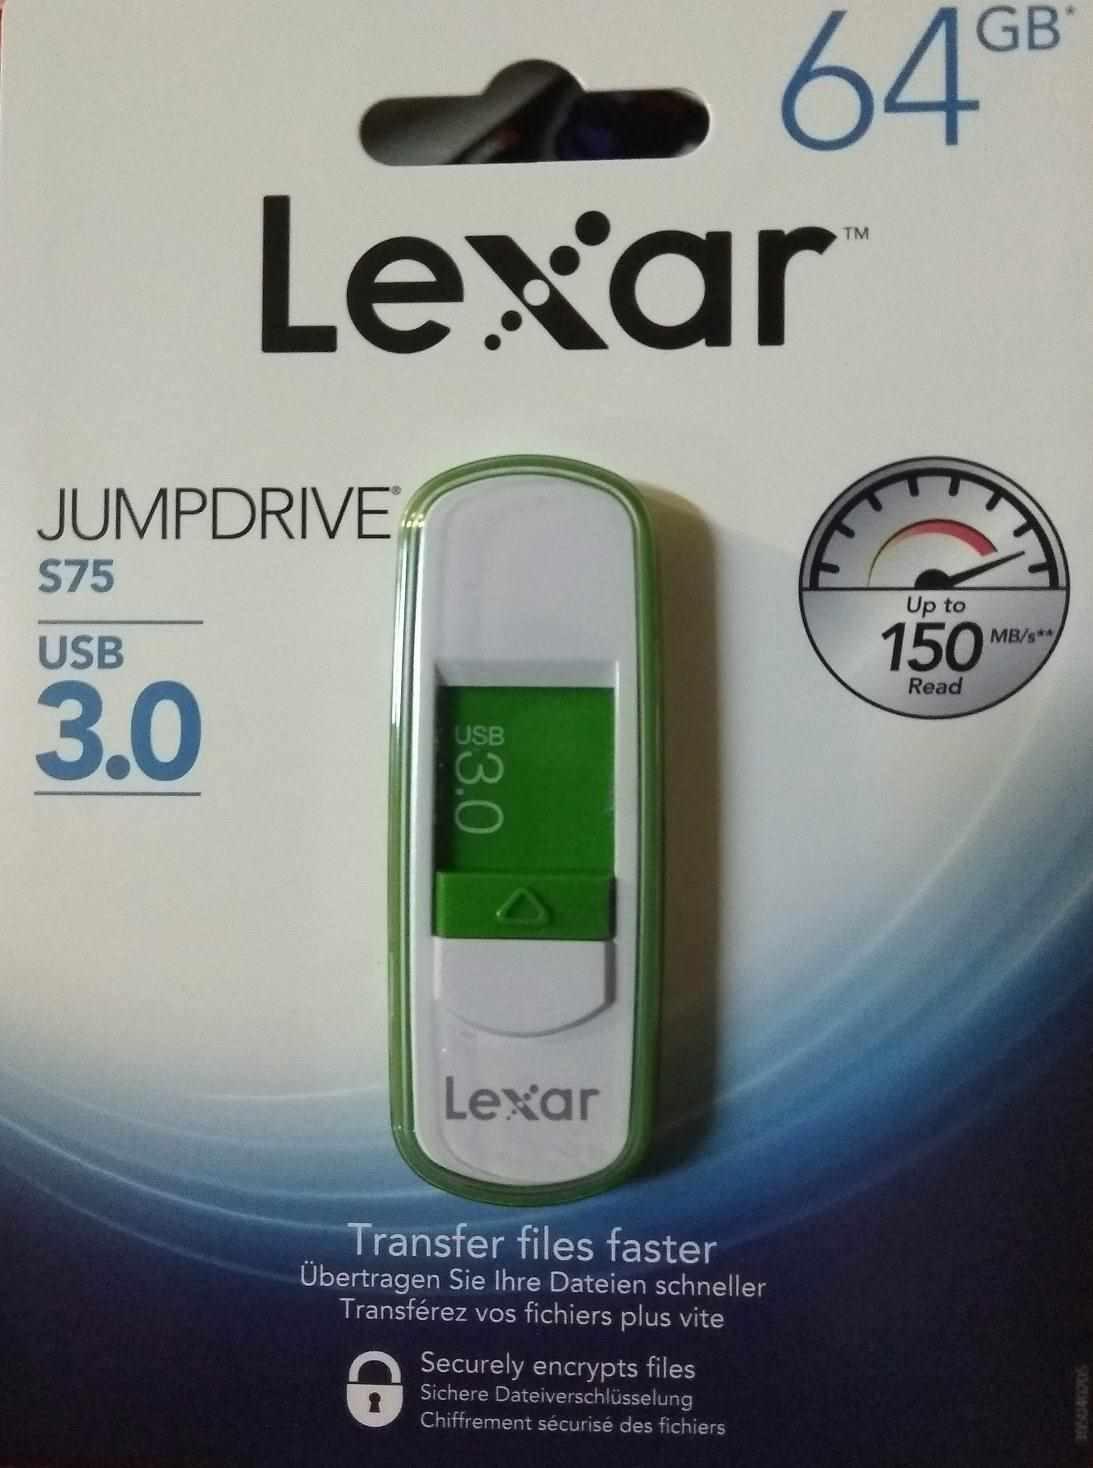 Lexar USB flash disk JumpDrive S75 (USB 3.0) 64GB